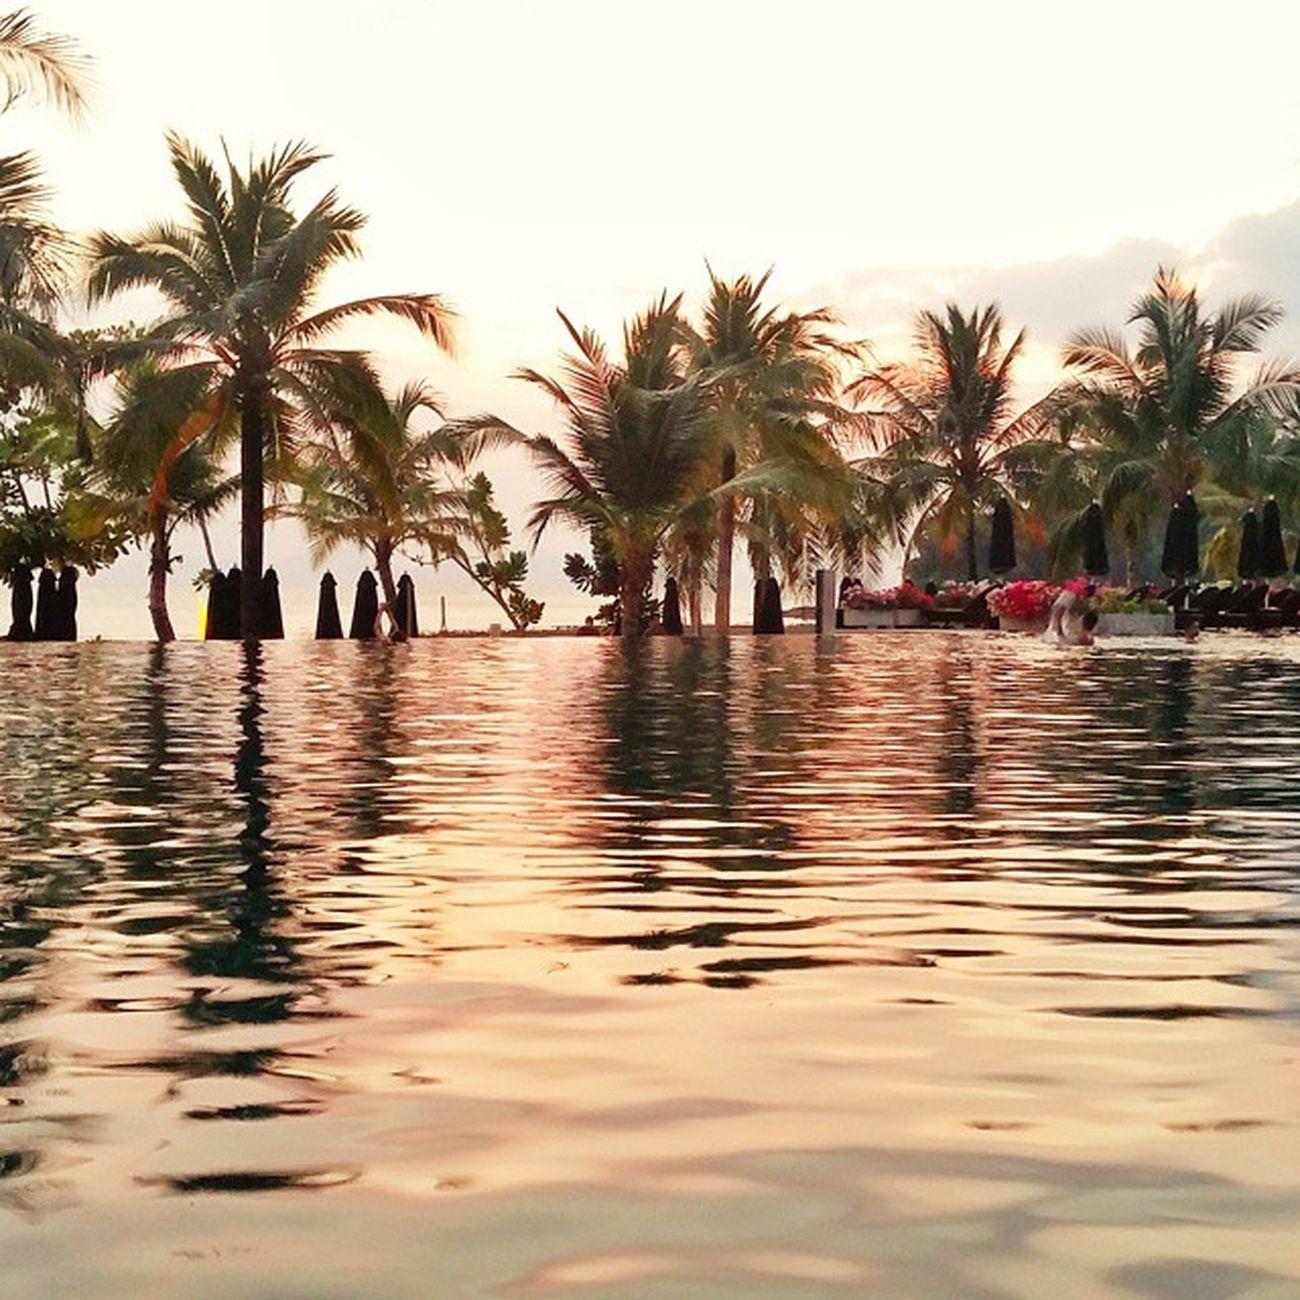 รูปเก็บ(พระอาทิตย์)ตก Sunset Pool Swimming Krabi beyondresort Thailand